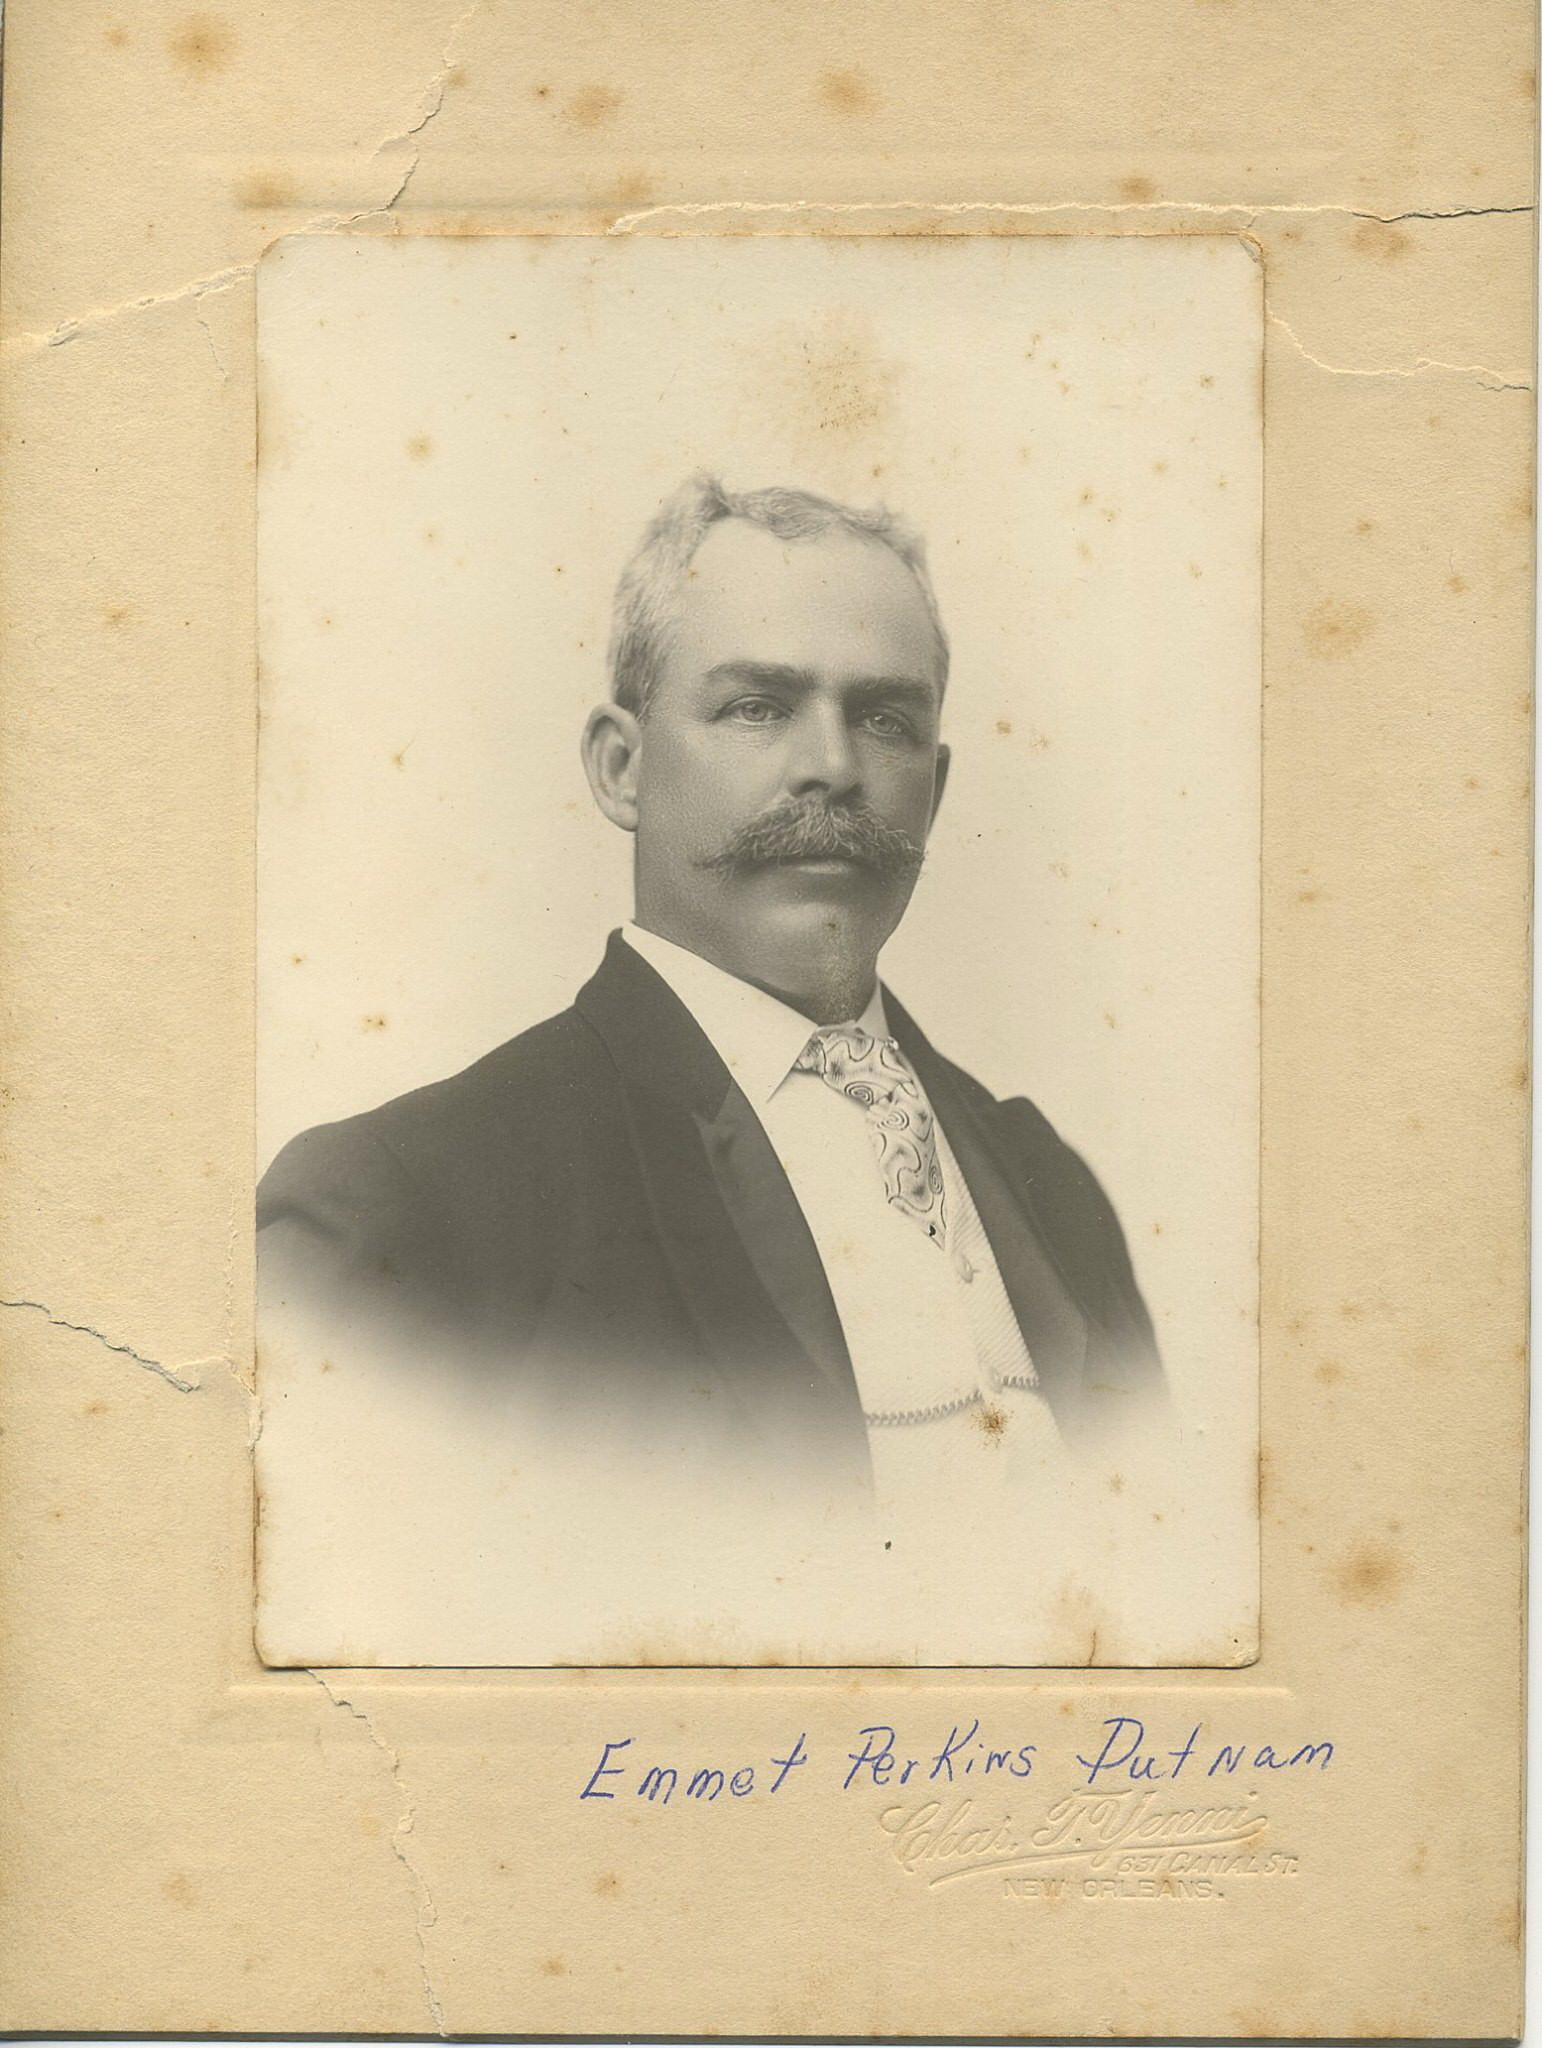 Emmet Perkins Putnam